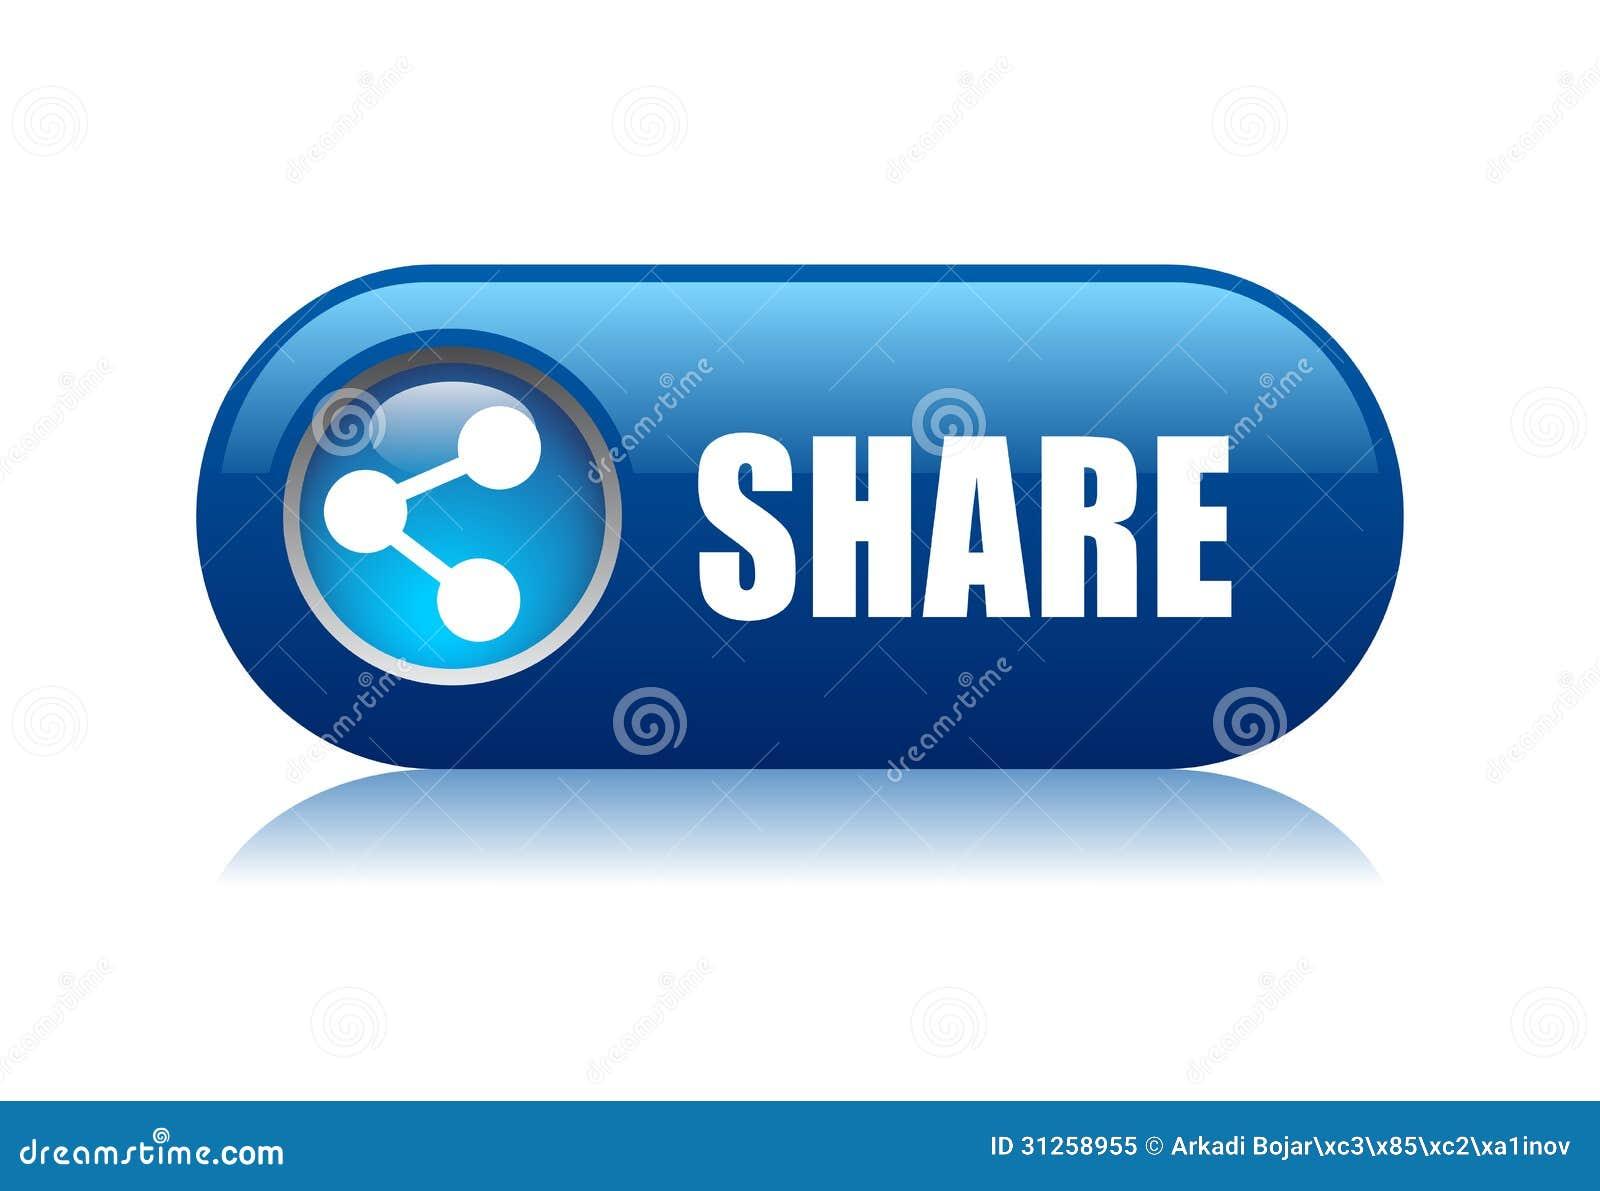 Shart Online